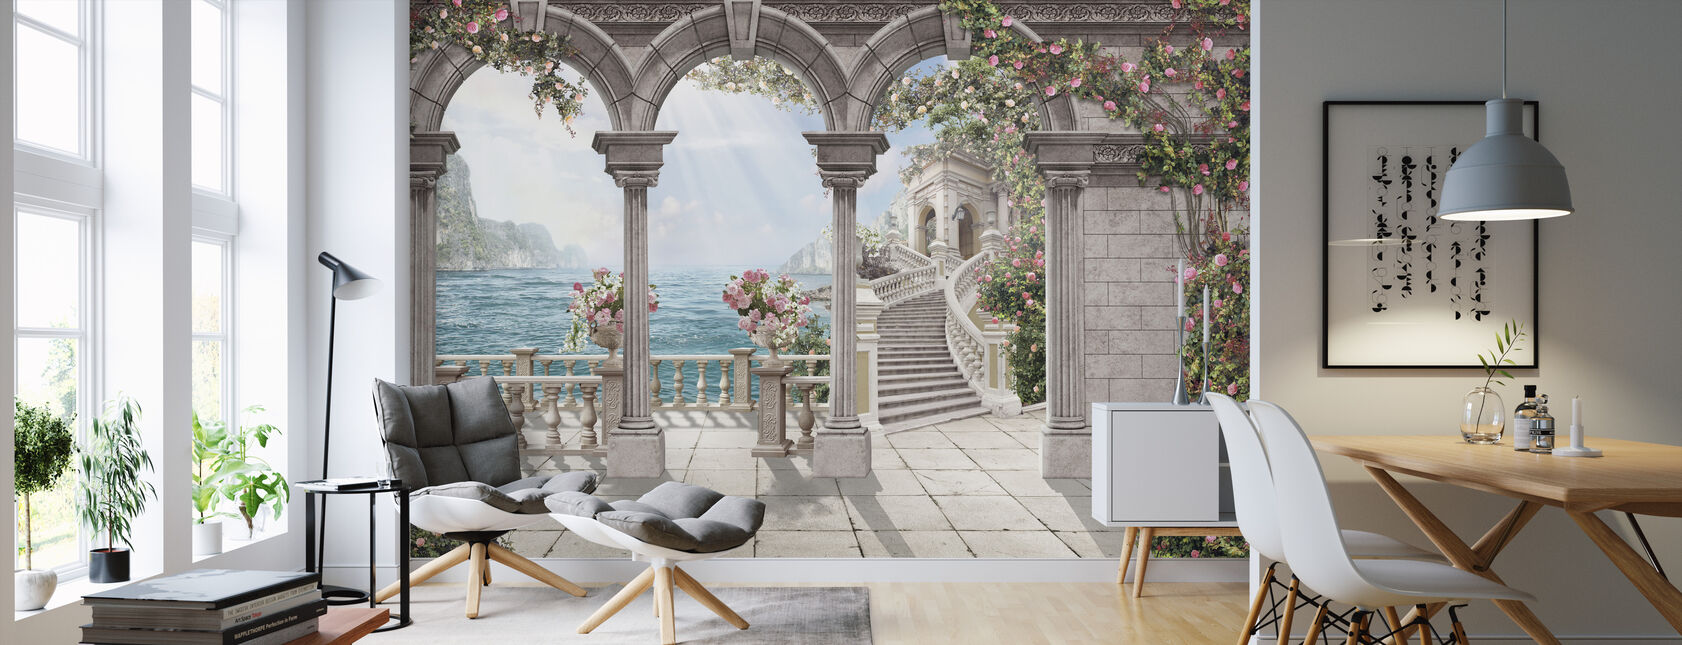 Antiikki patio - Tapetti - Olohuone